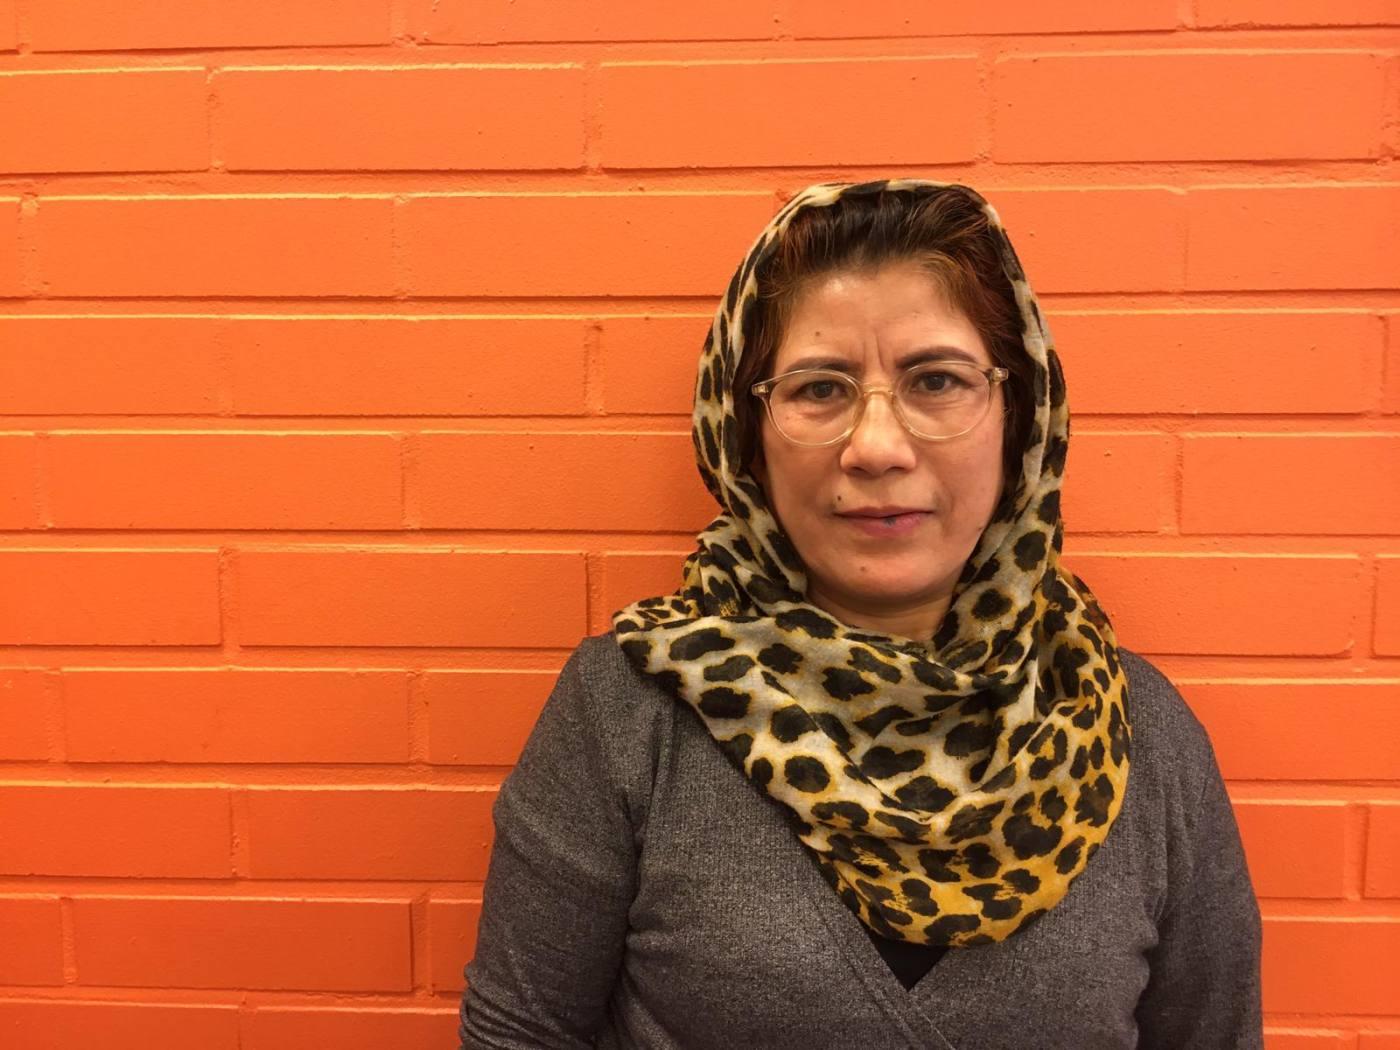 Ziba Rahimi